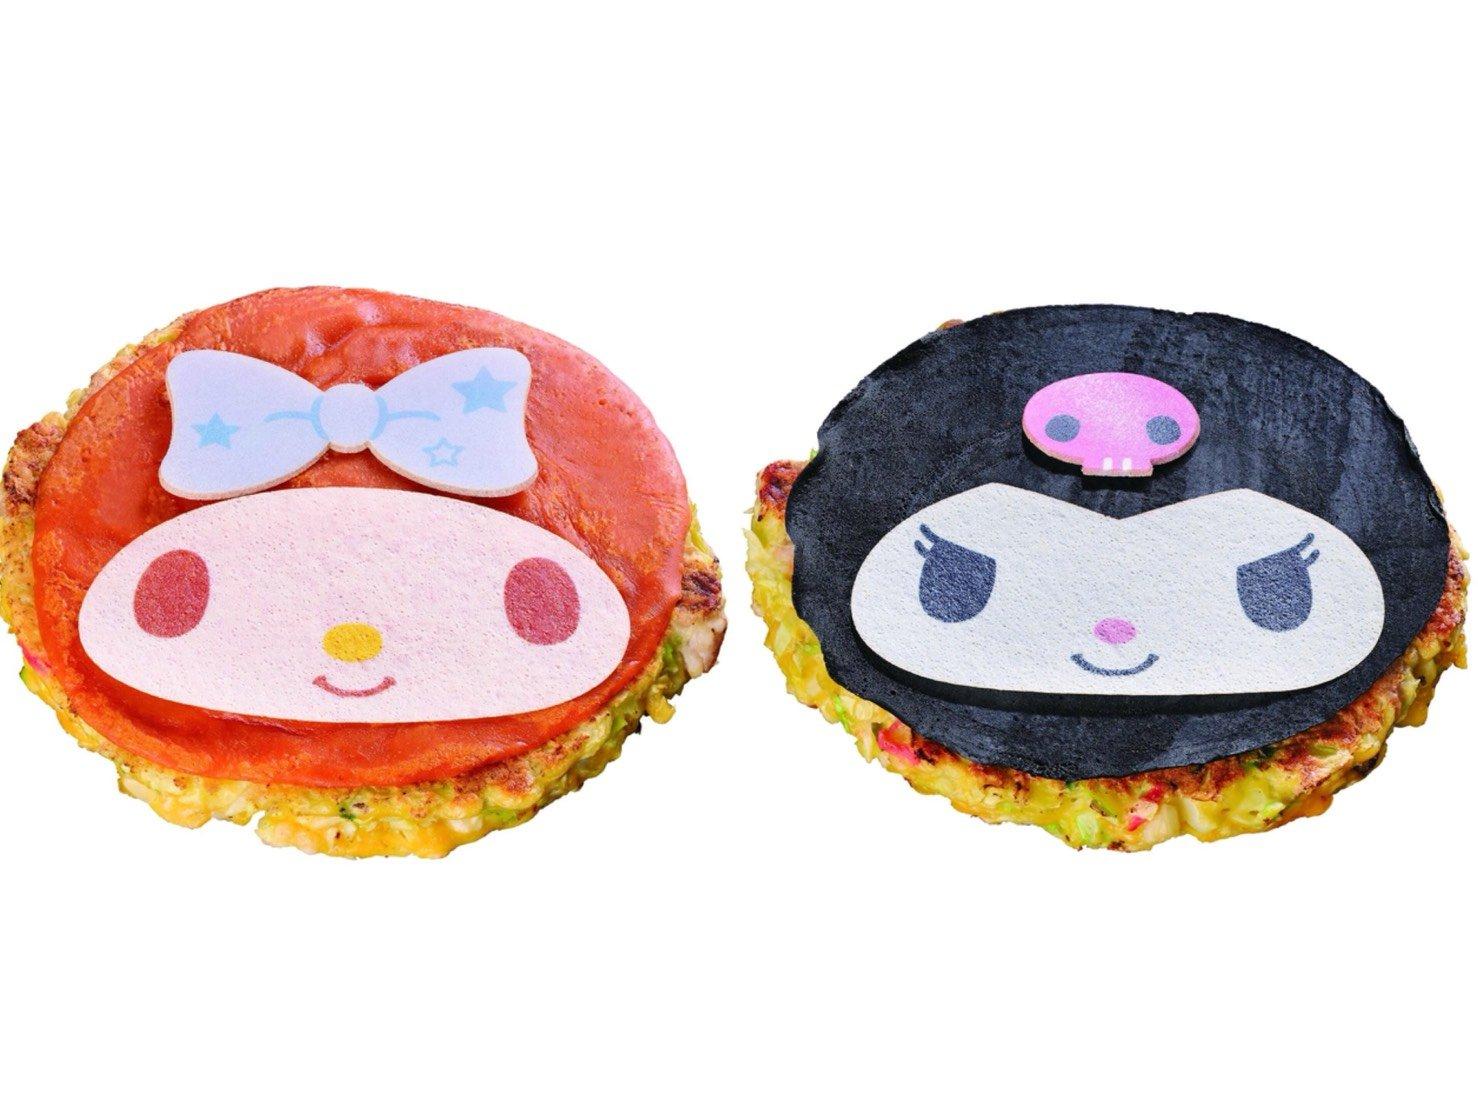 「大阪燒 道頓崛」推出美樂蒂&酷洛米大阪燒登場! 和式料理、美樂蒂、酷洛米、